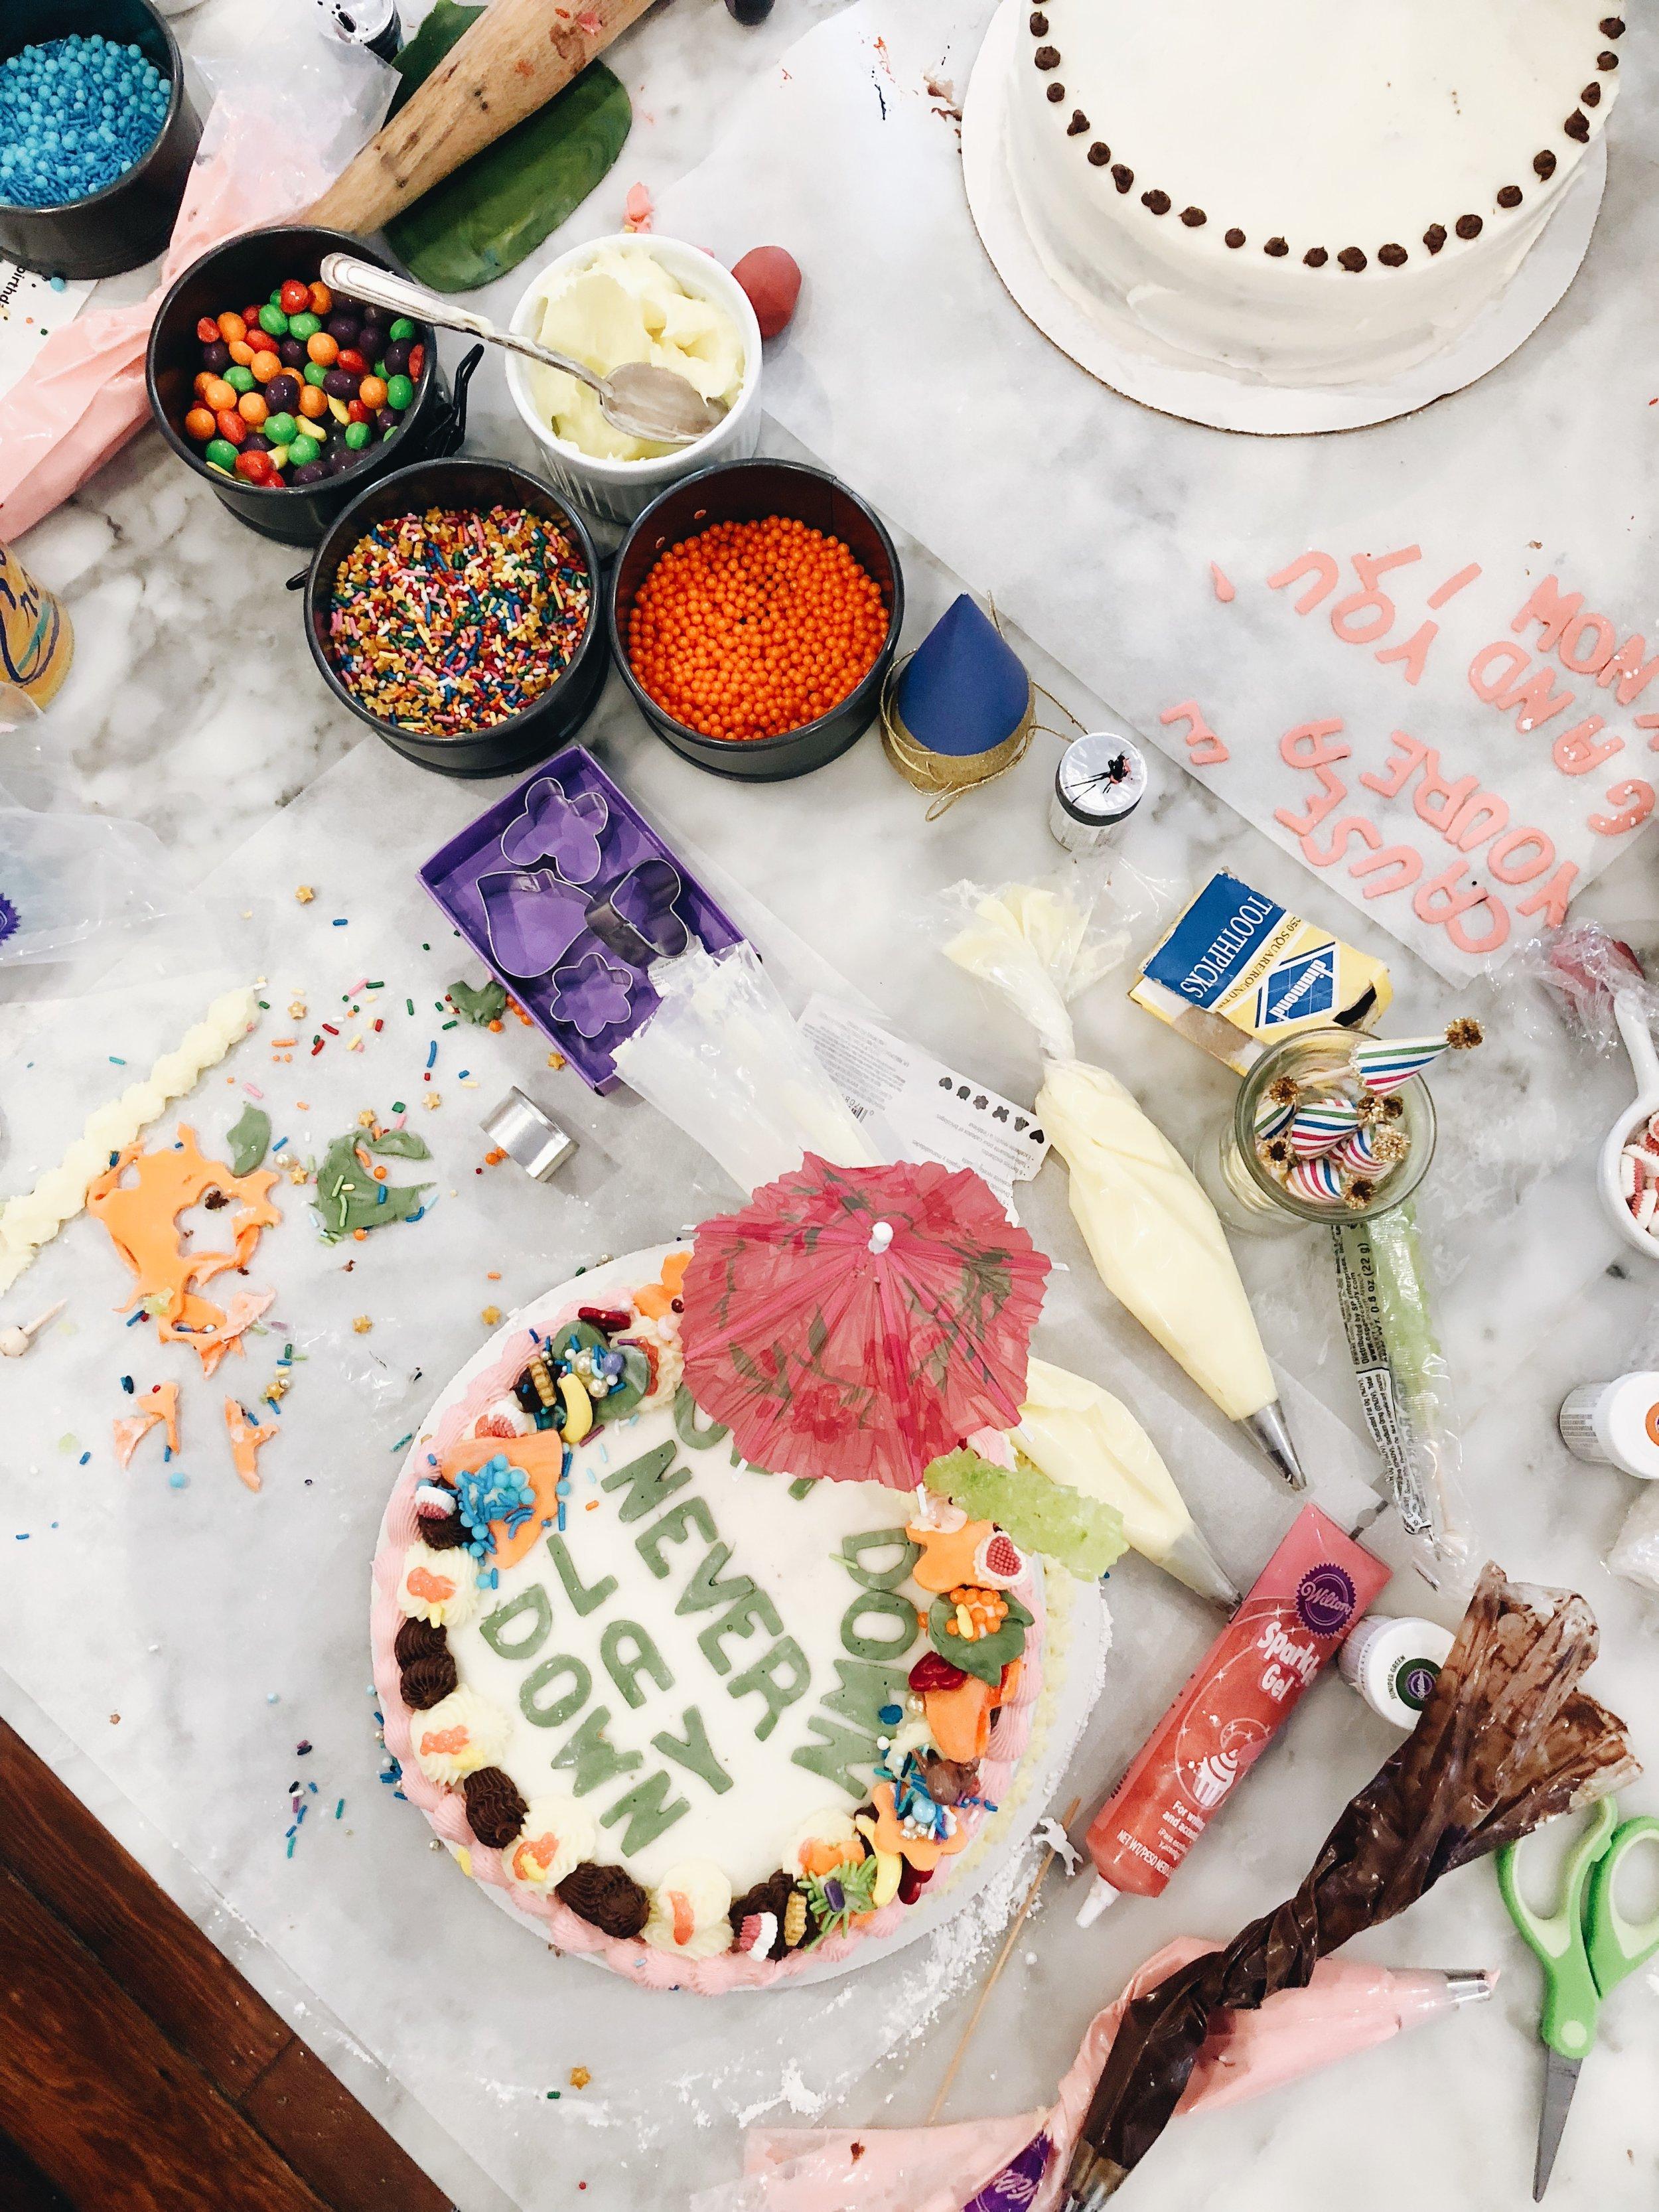 drake on cake food styling